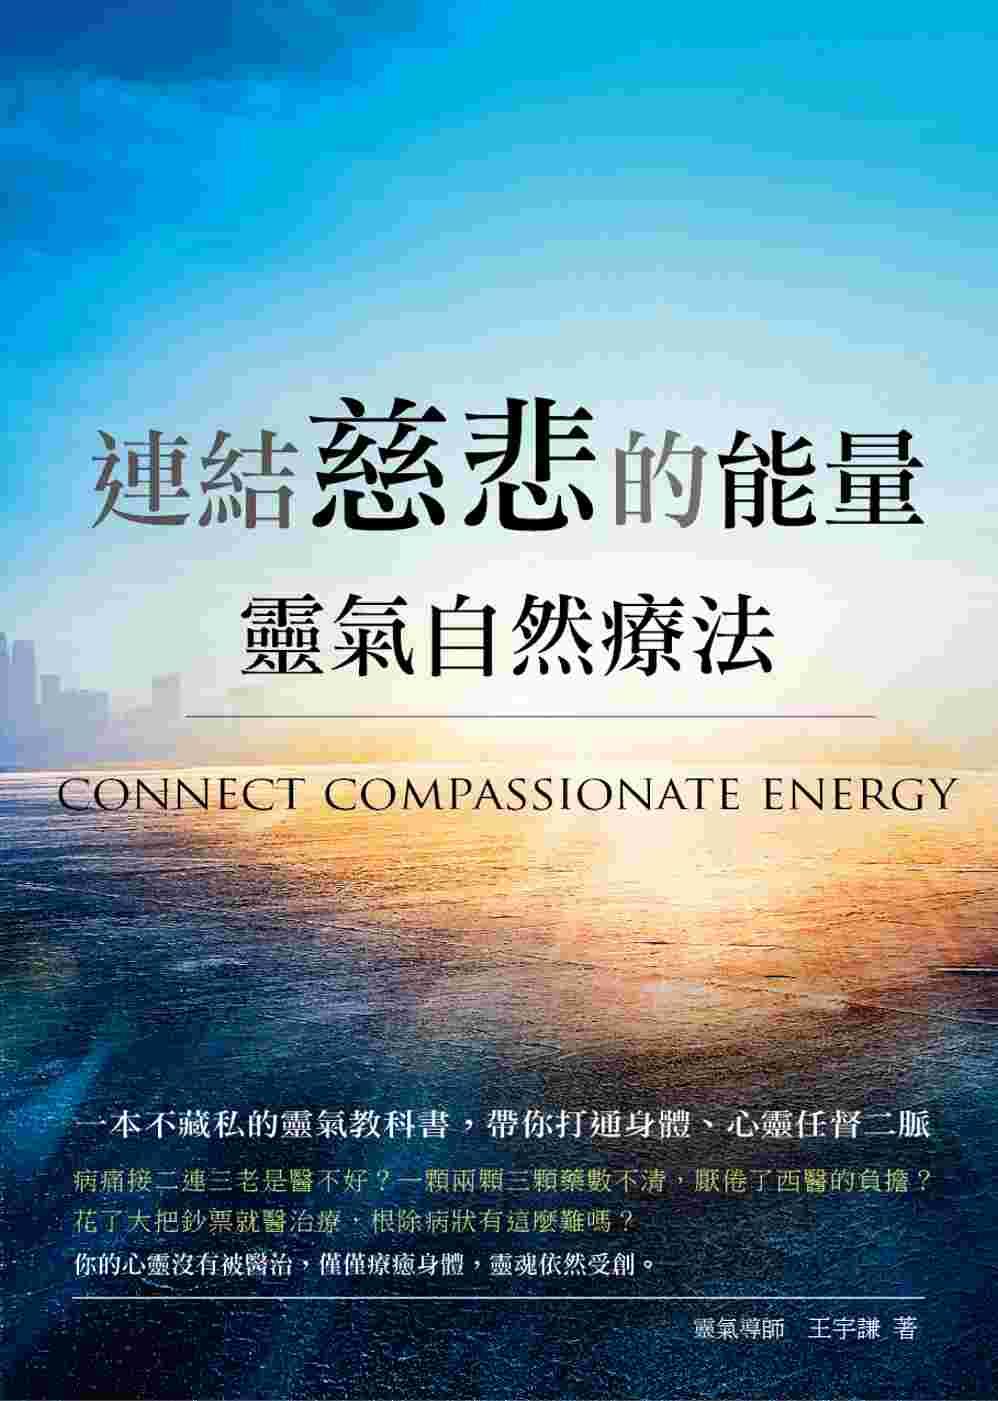 連結慈悲的能量:靈氣自然療法